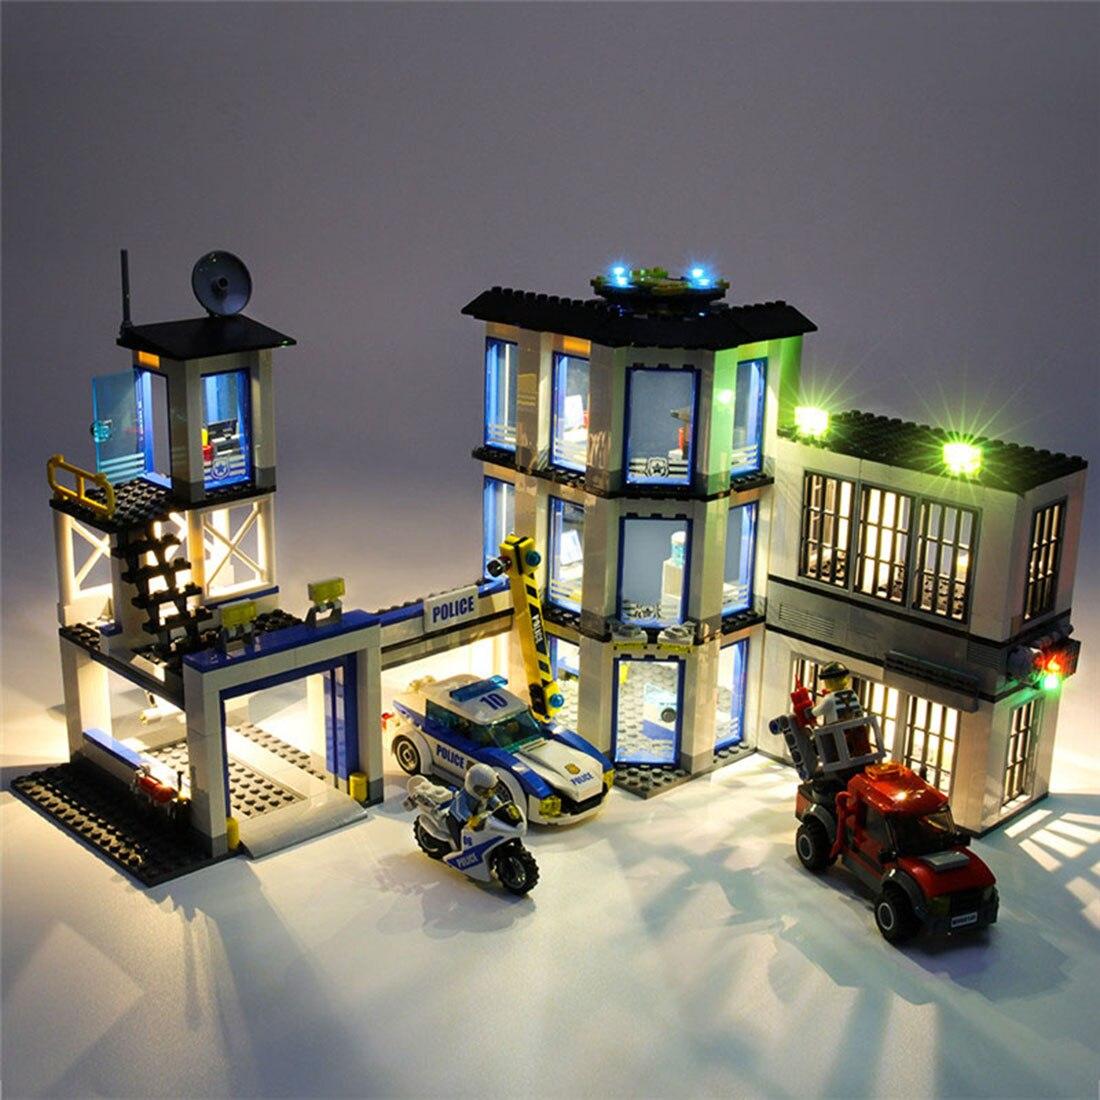 Kit de iluminação usb para a sede da polícia 60141 (apenas a luz do diodo emissor de luz, nenhum jogo do bloco)